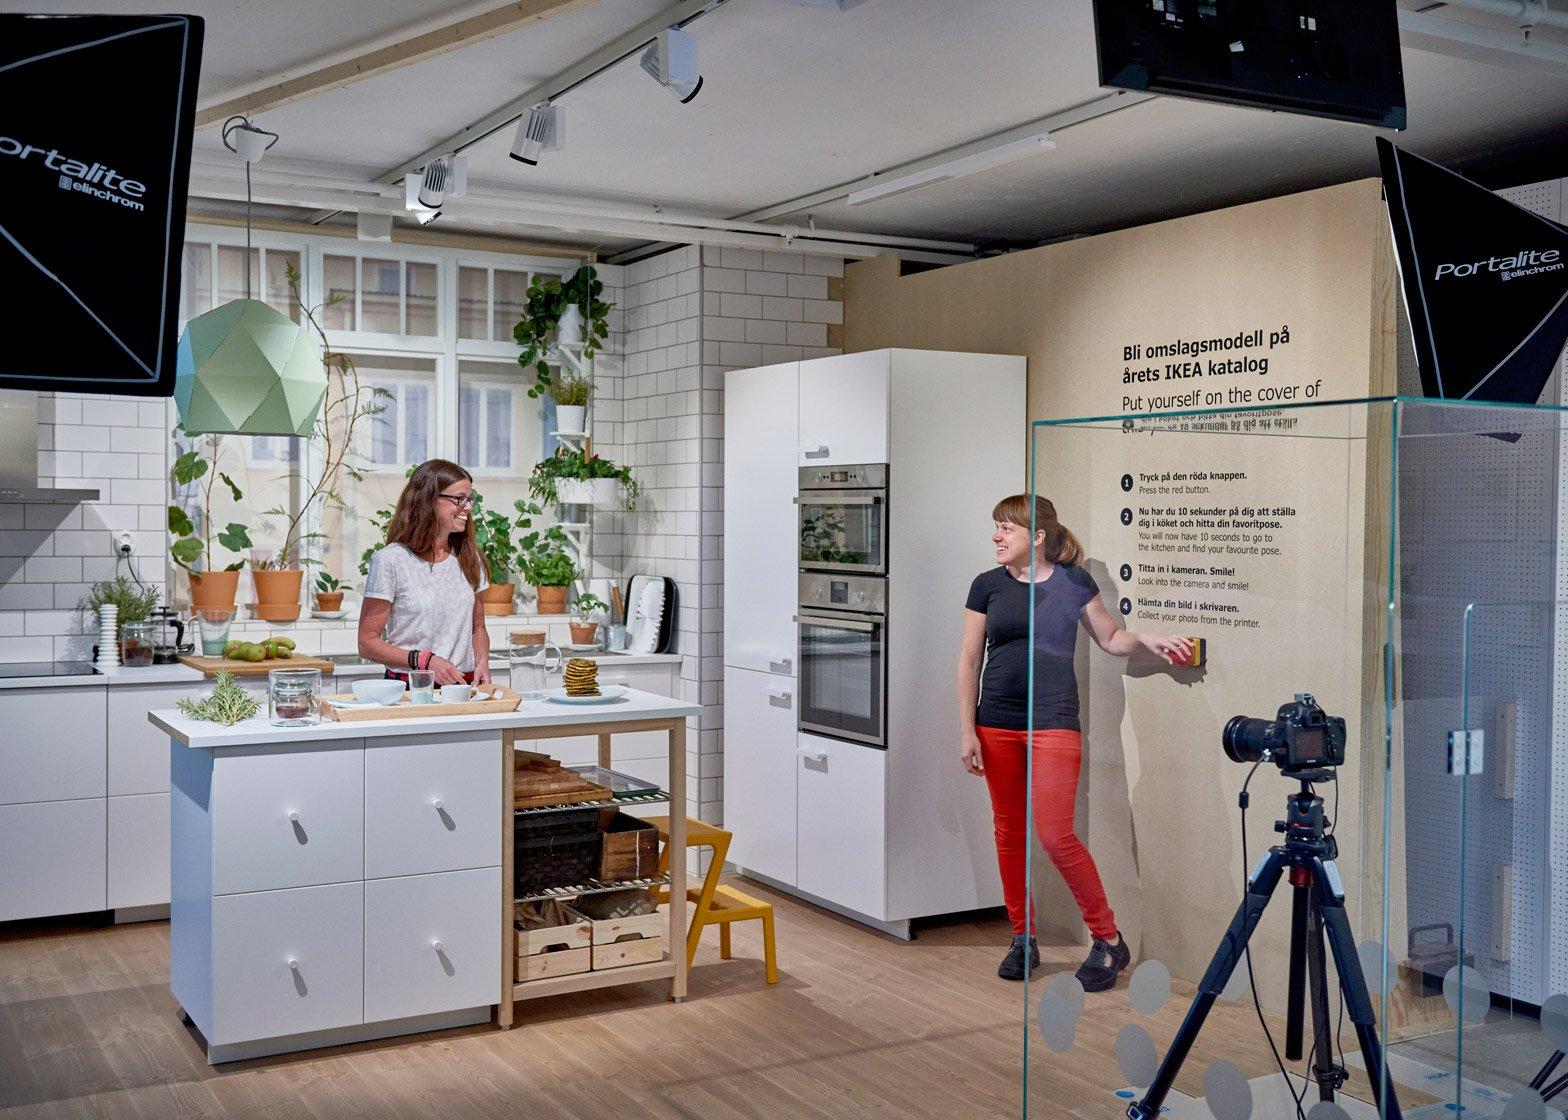 IKEA Museum set to open in Sweden